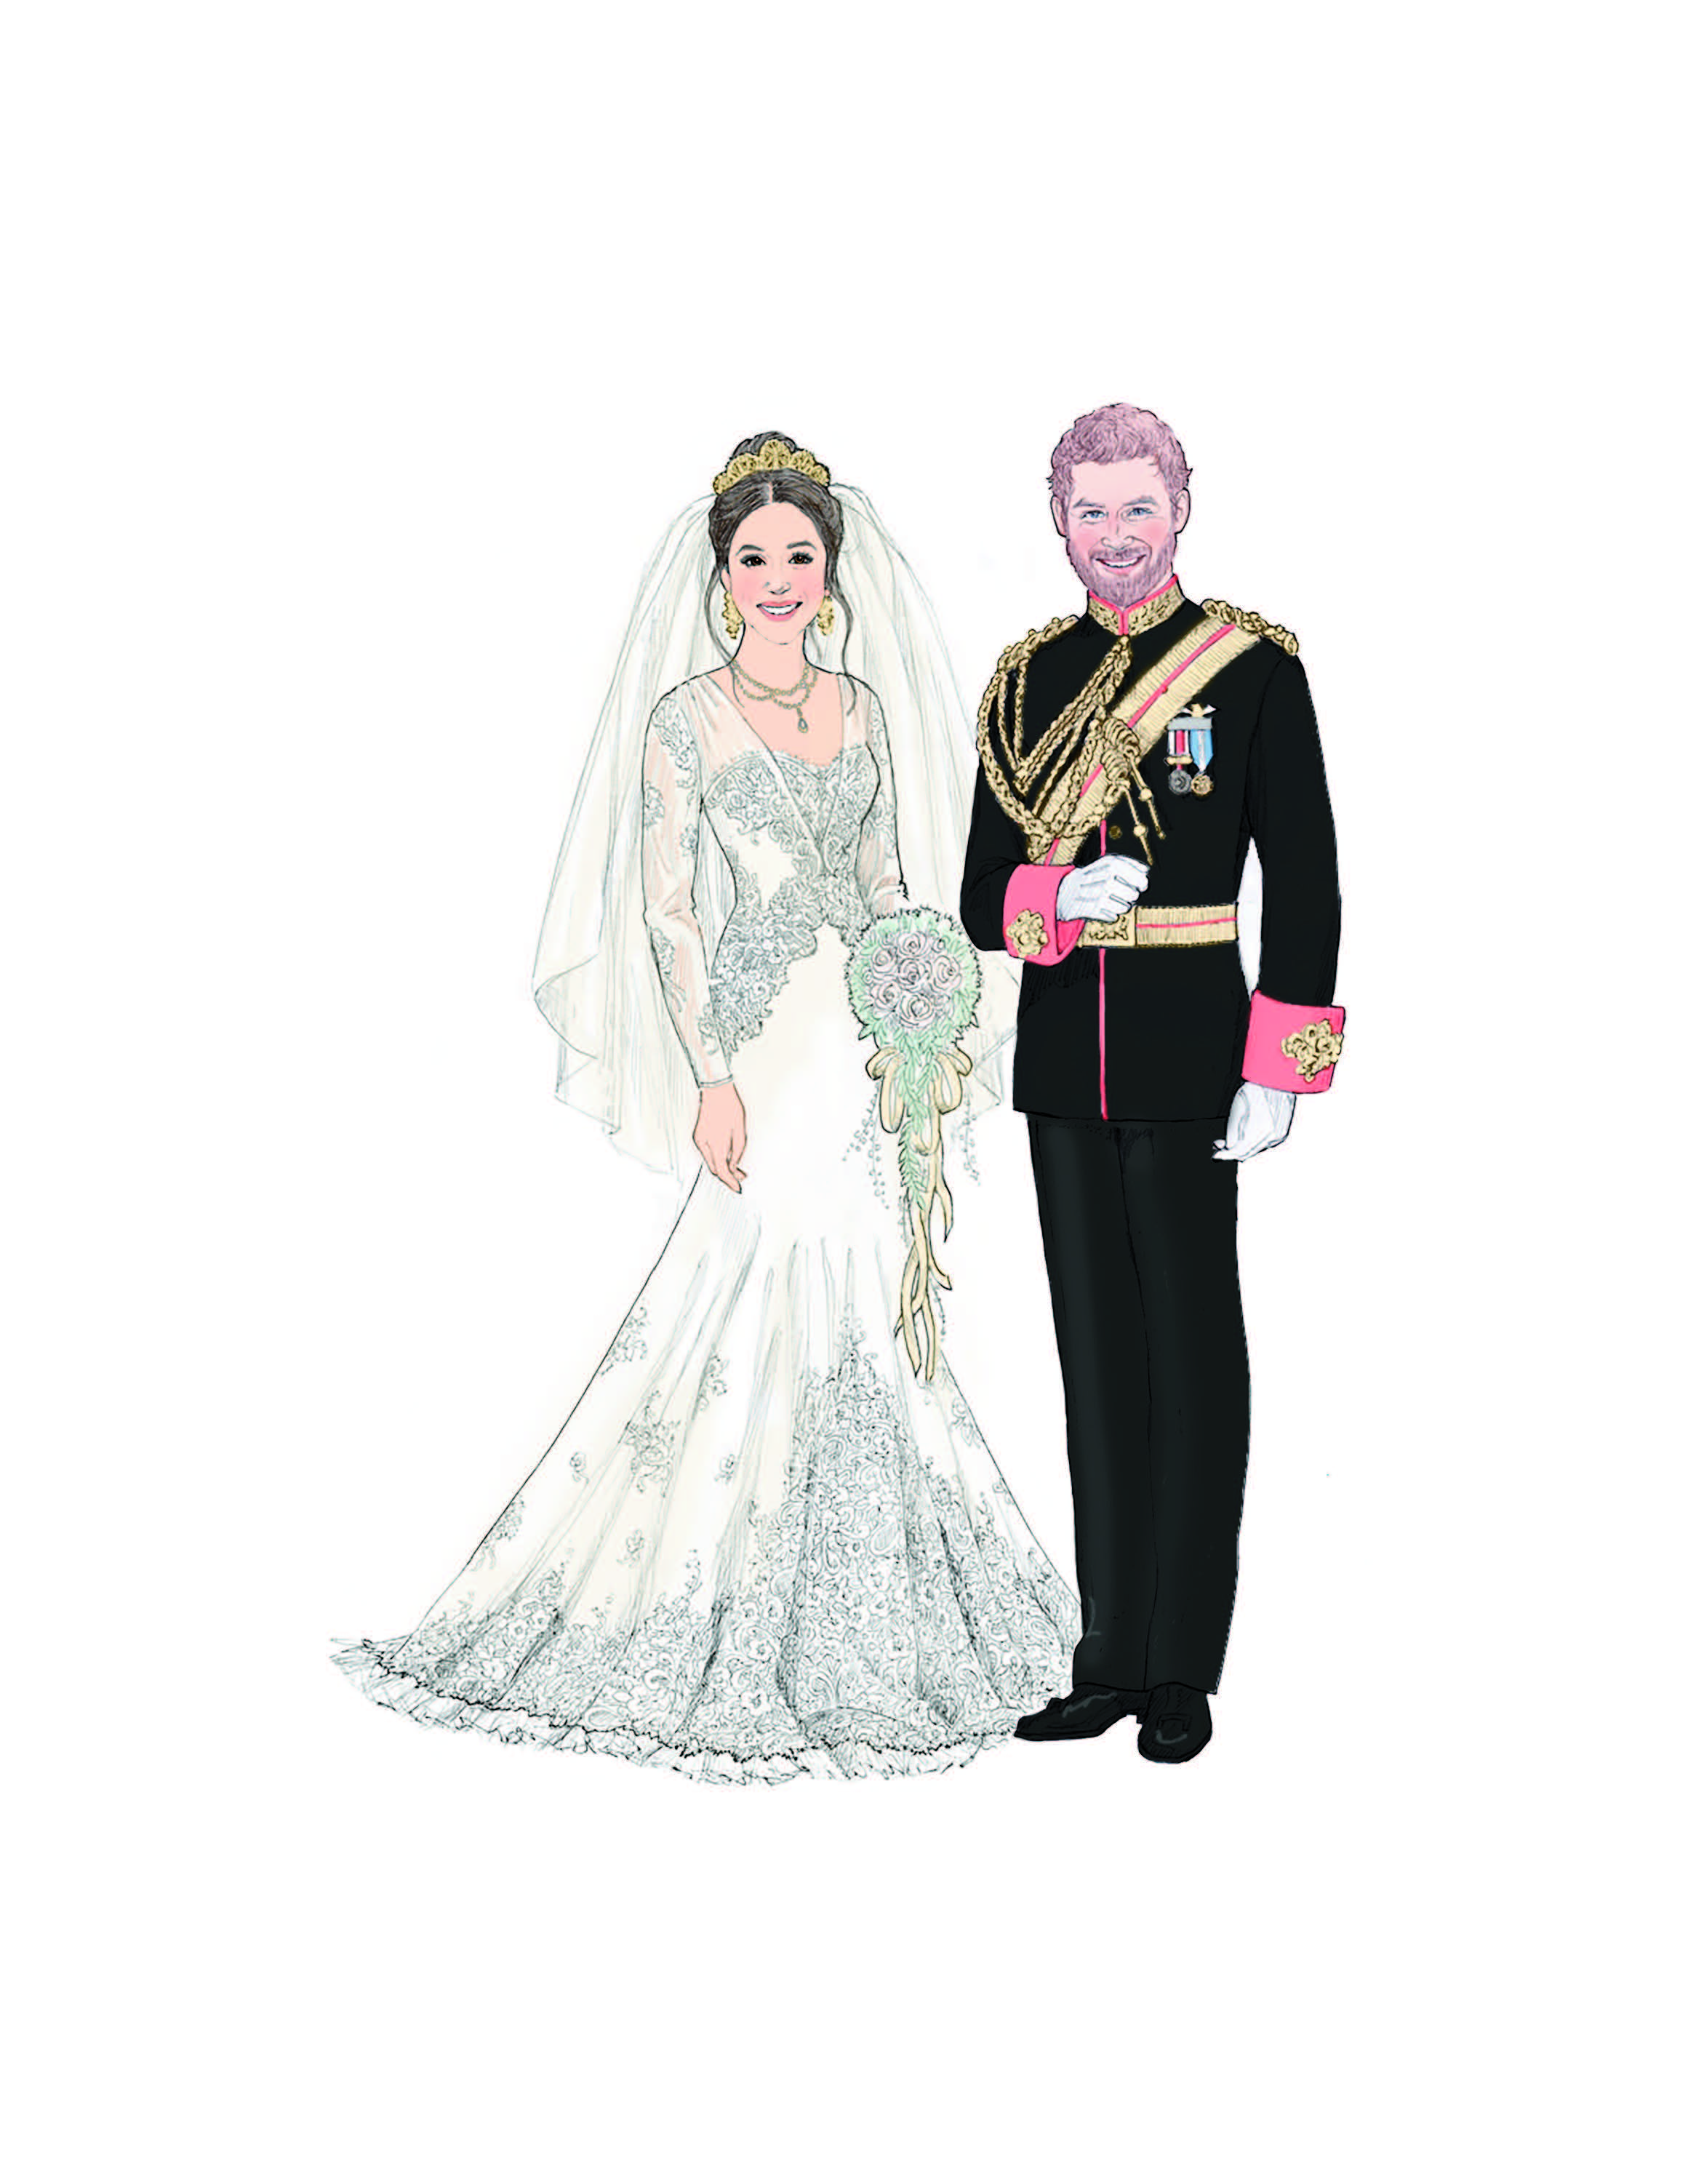 Meghan and Harry illustration by Ashton-Drake